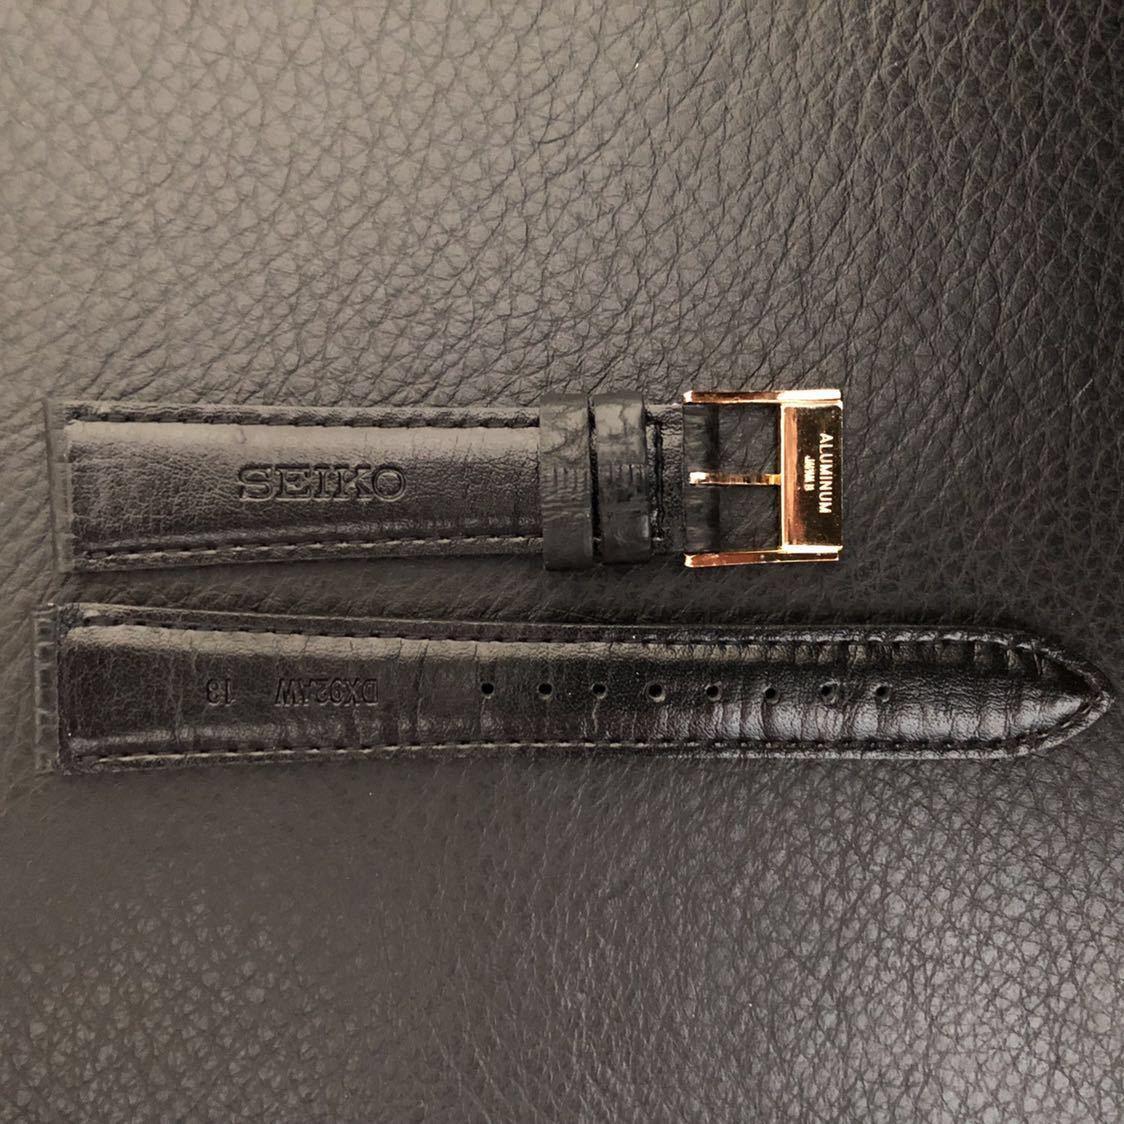 美品 超希少な隠れS文字盤 OH済 SEIKO インジケーター 11A(国産自動巻腕時計第1号) 21石 14KGF側J14003 オリジナル文字盤_画像10